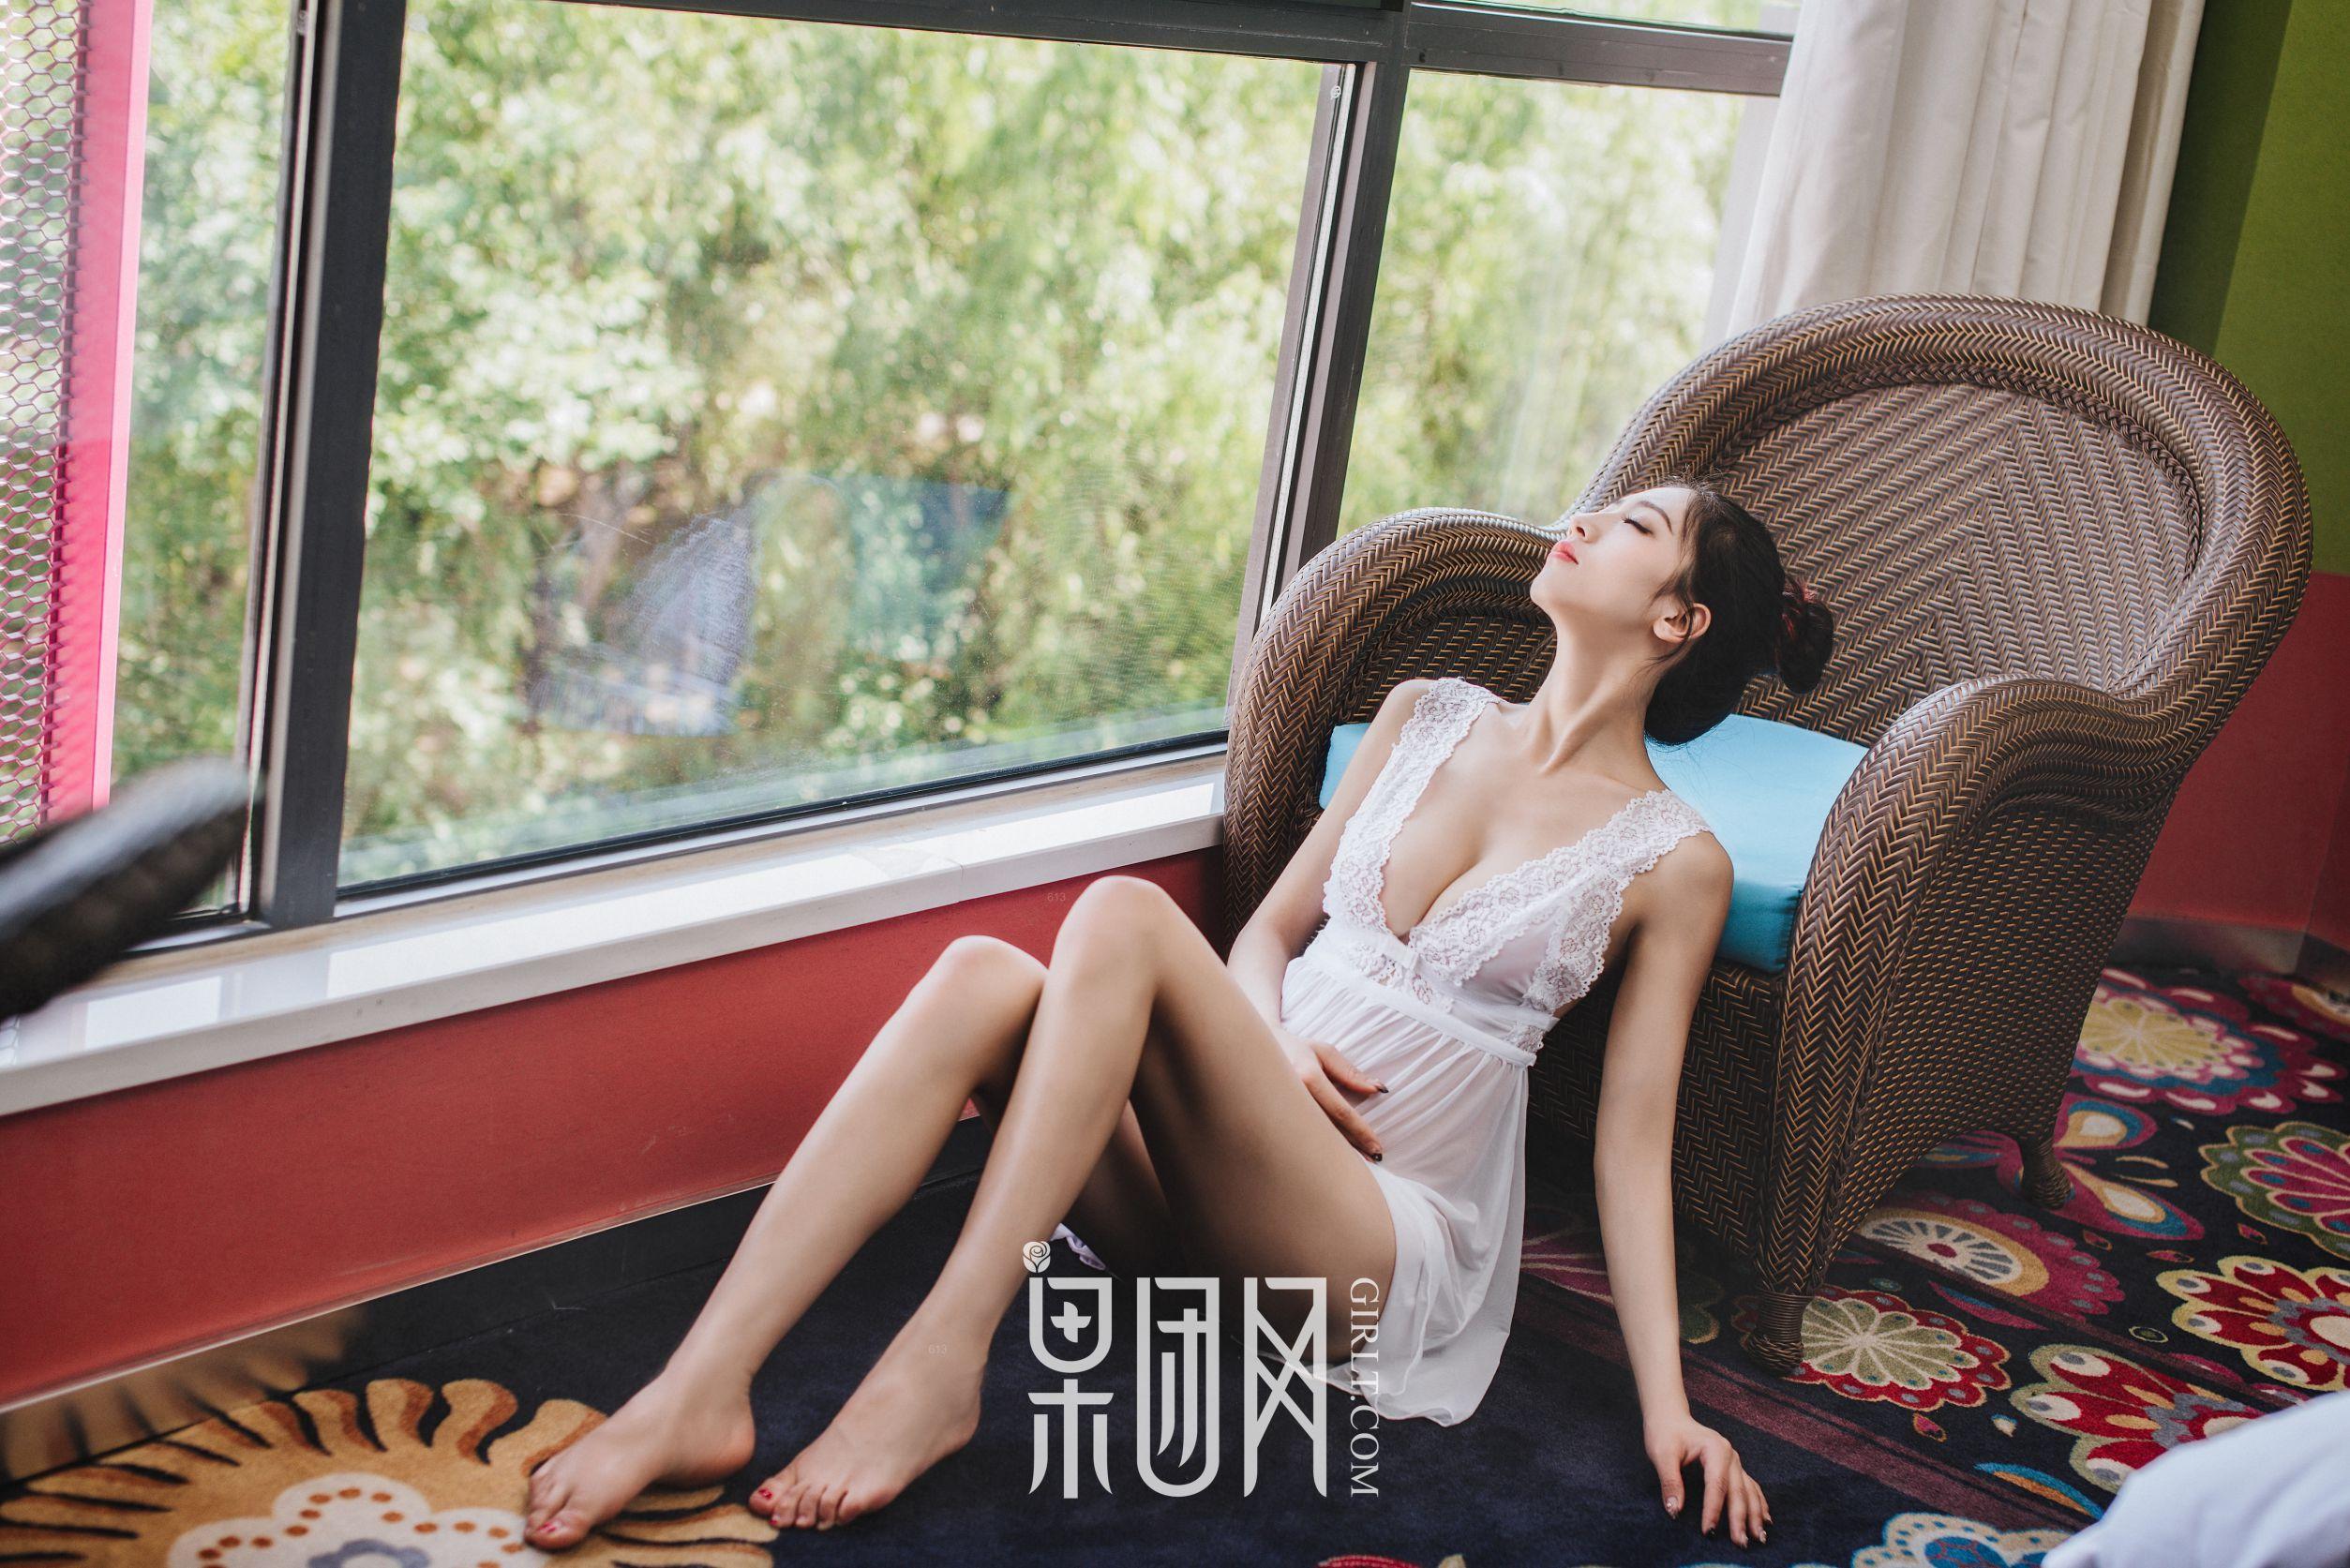 通灵儿 - 34D酥胸长腿嫩模